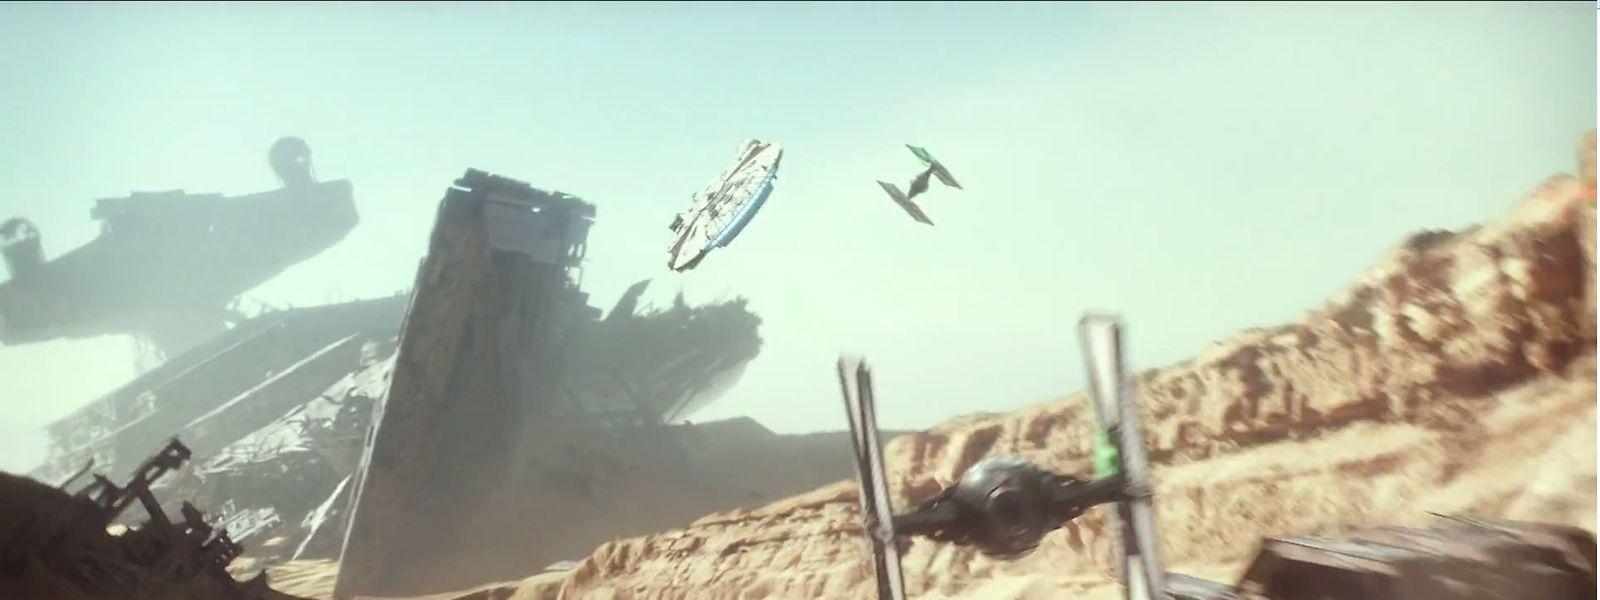 Une scène de la bande-annonce, à découvrir dès maintenant en attendant la sortie du fameux opus, le 16 décembre.